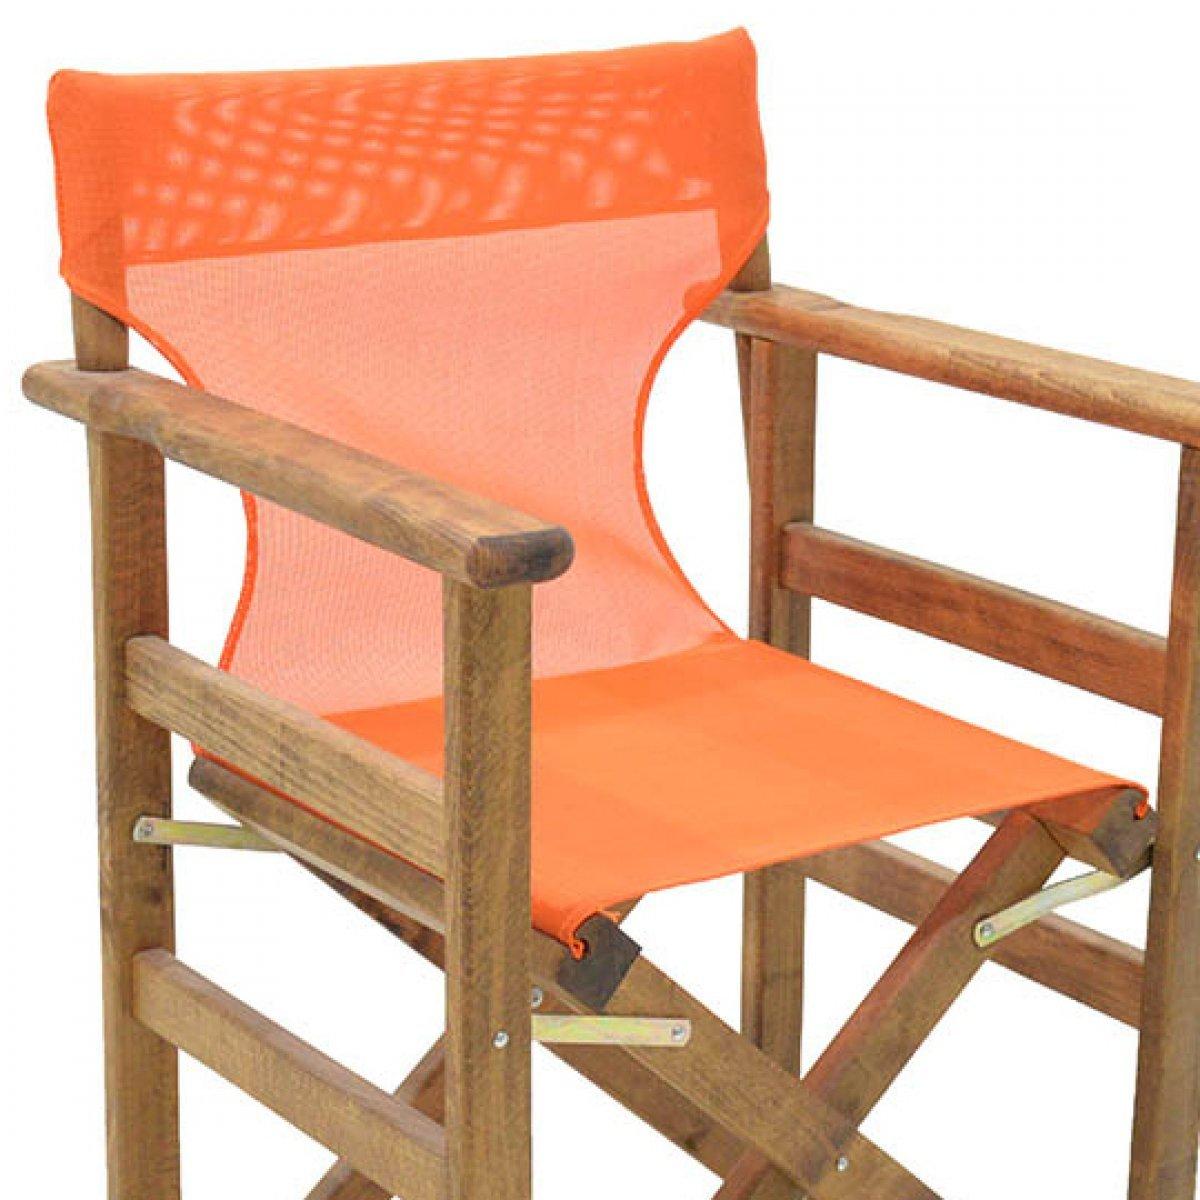 Μαξιλάρια για σκηνοθέτη καρέκλες | Mymegamarket.gr